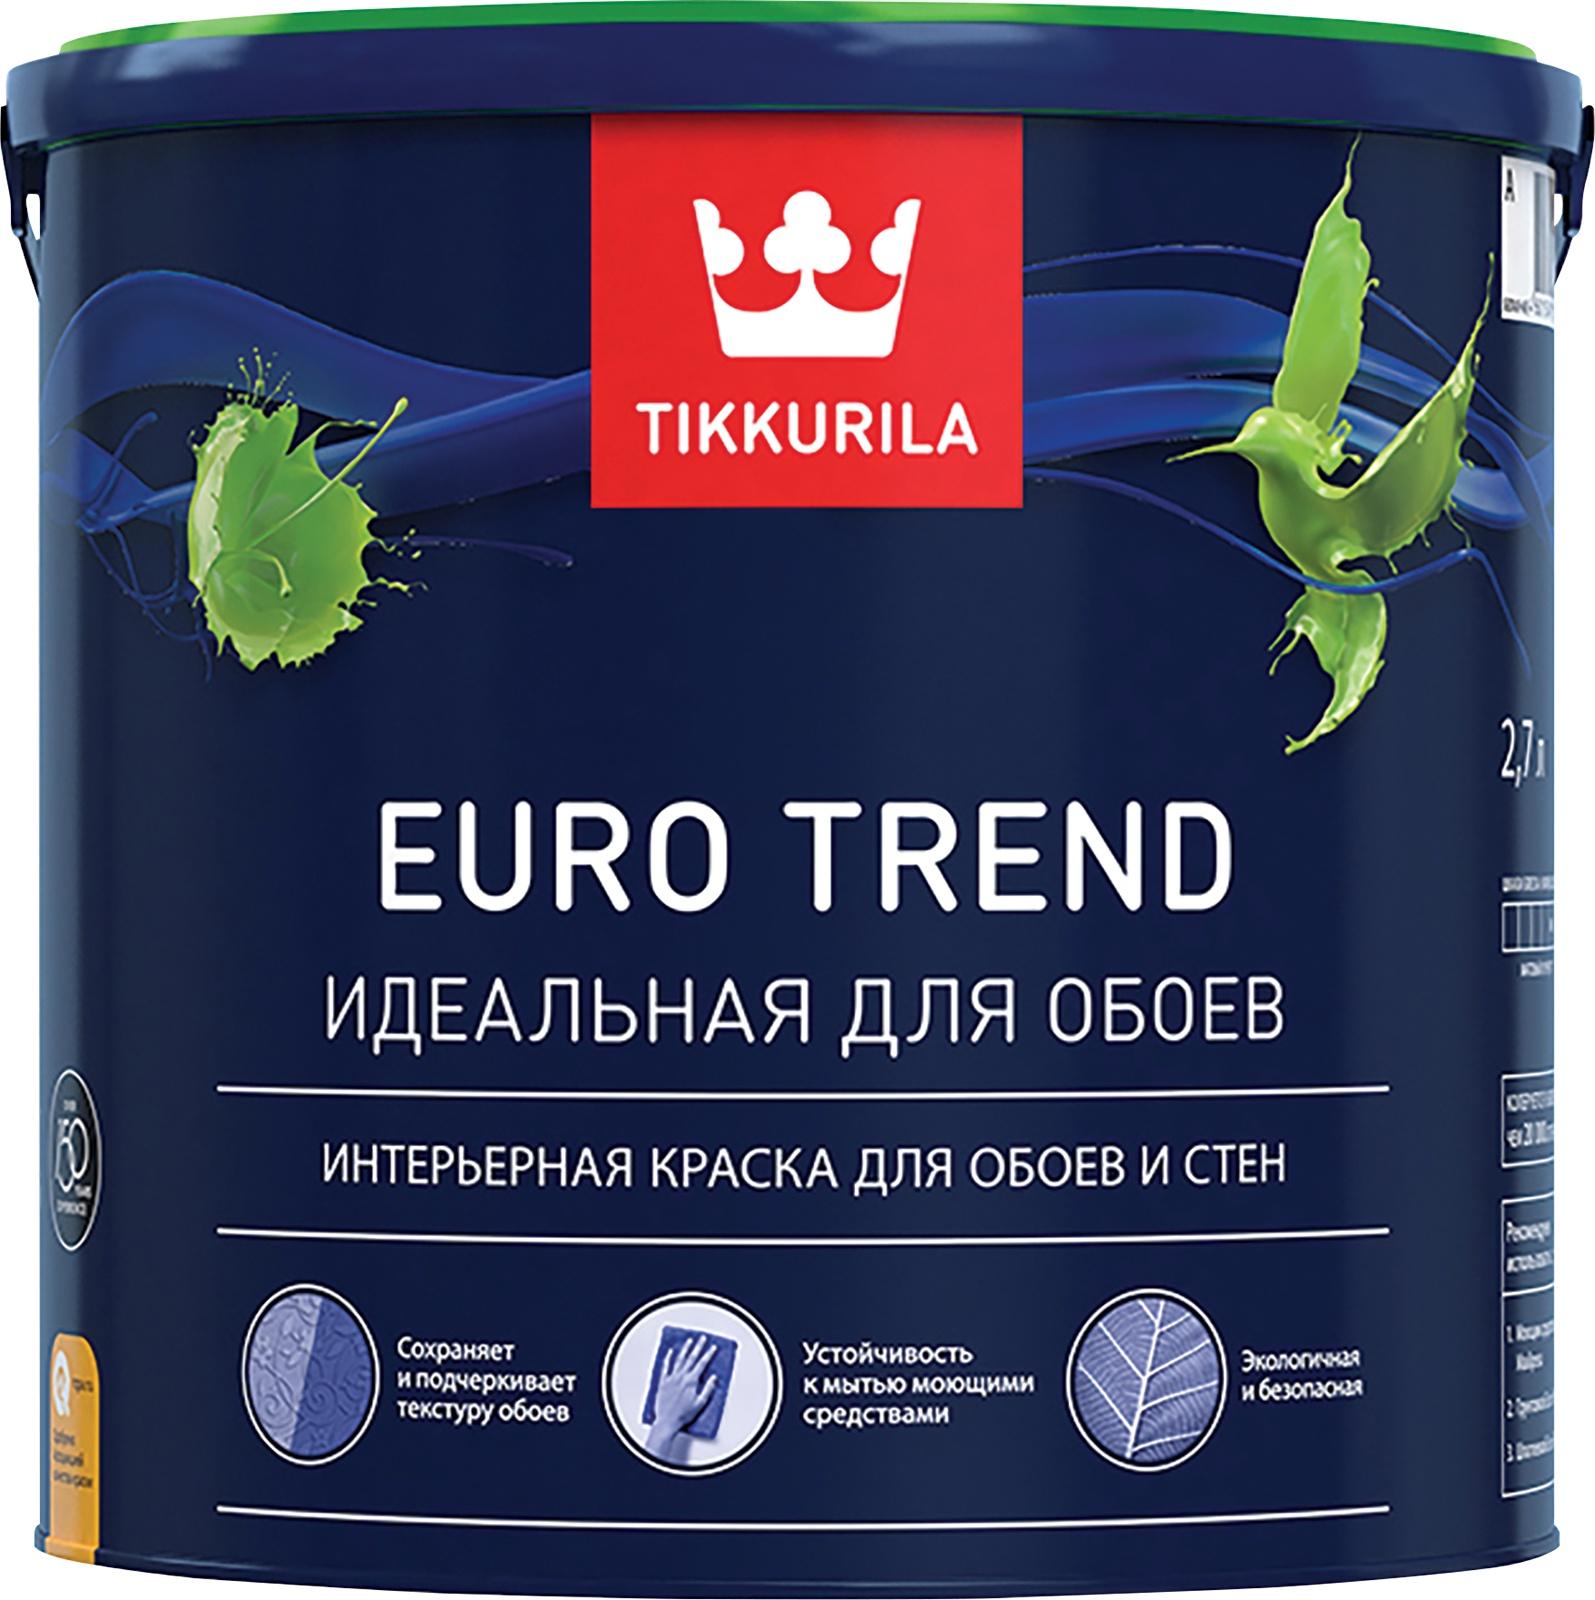 Краска Tikkurila EURO TREND A мат 2,7л, белый краска в д euro trend a мат д обоев и стен мат 2 7л арт 700009617